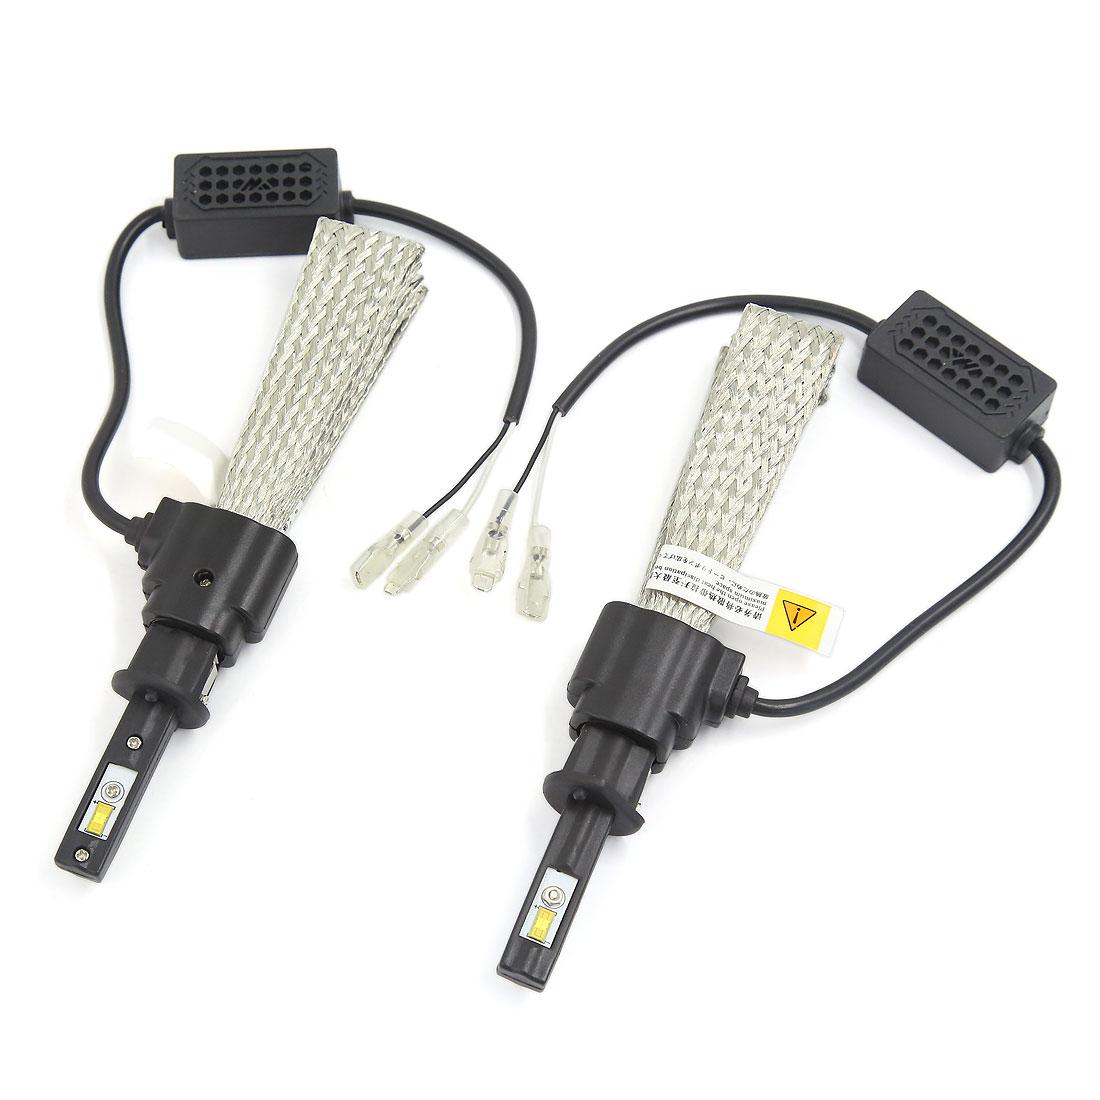 2PCS H1 6000K White 30W 3200LM LED Headlight Conversion Kit w Copper Braid